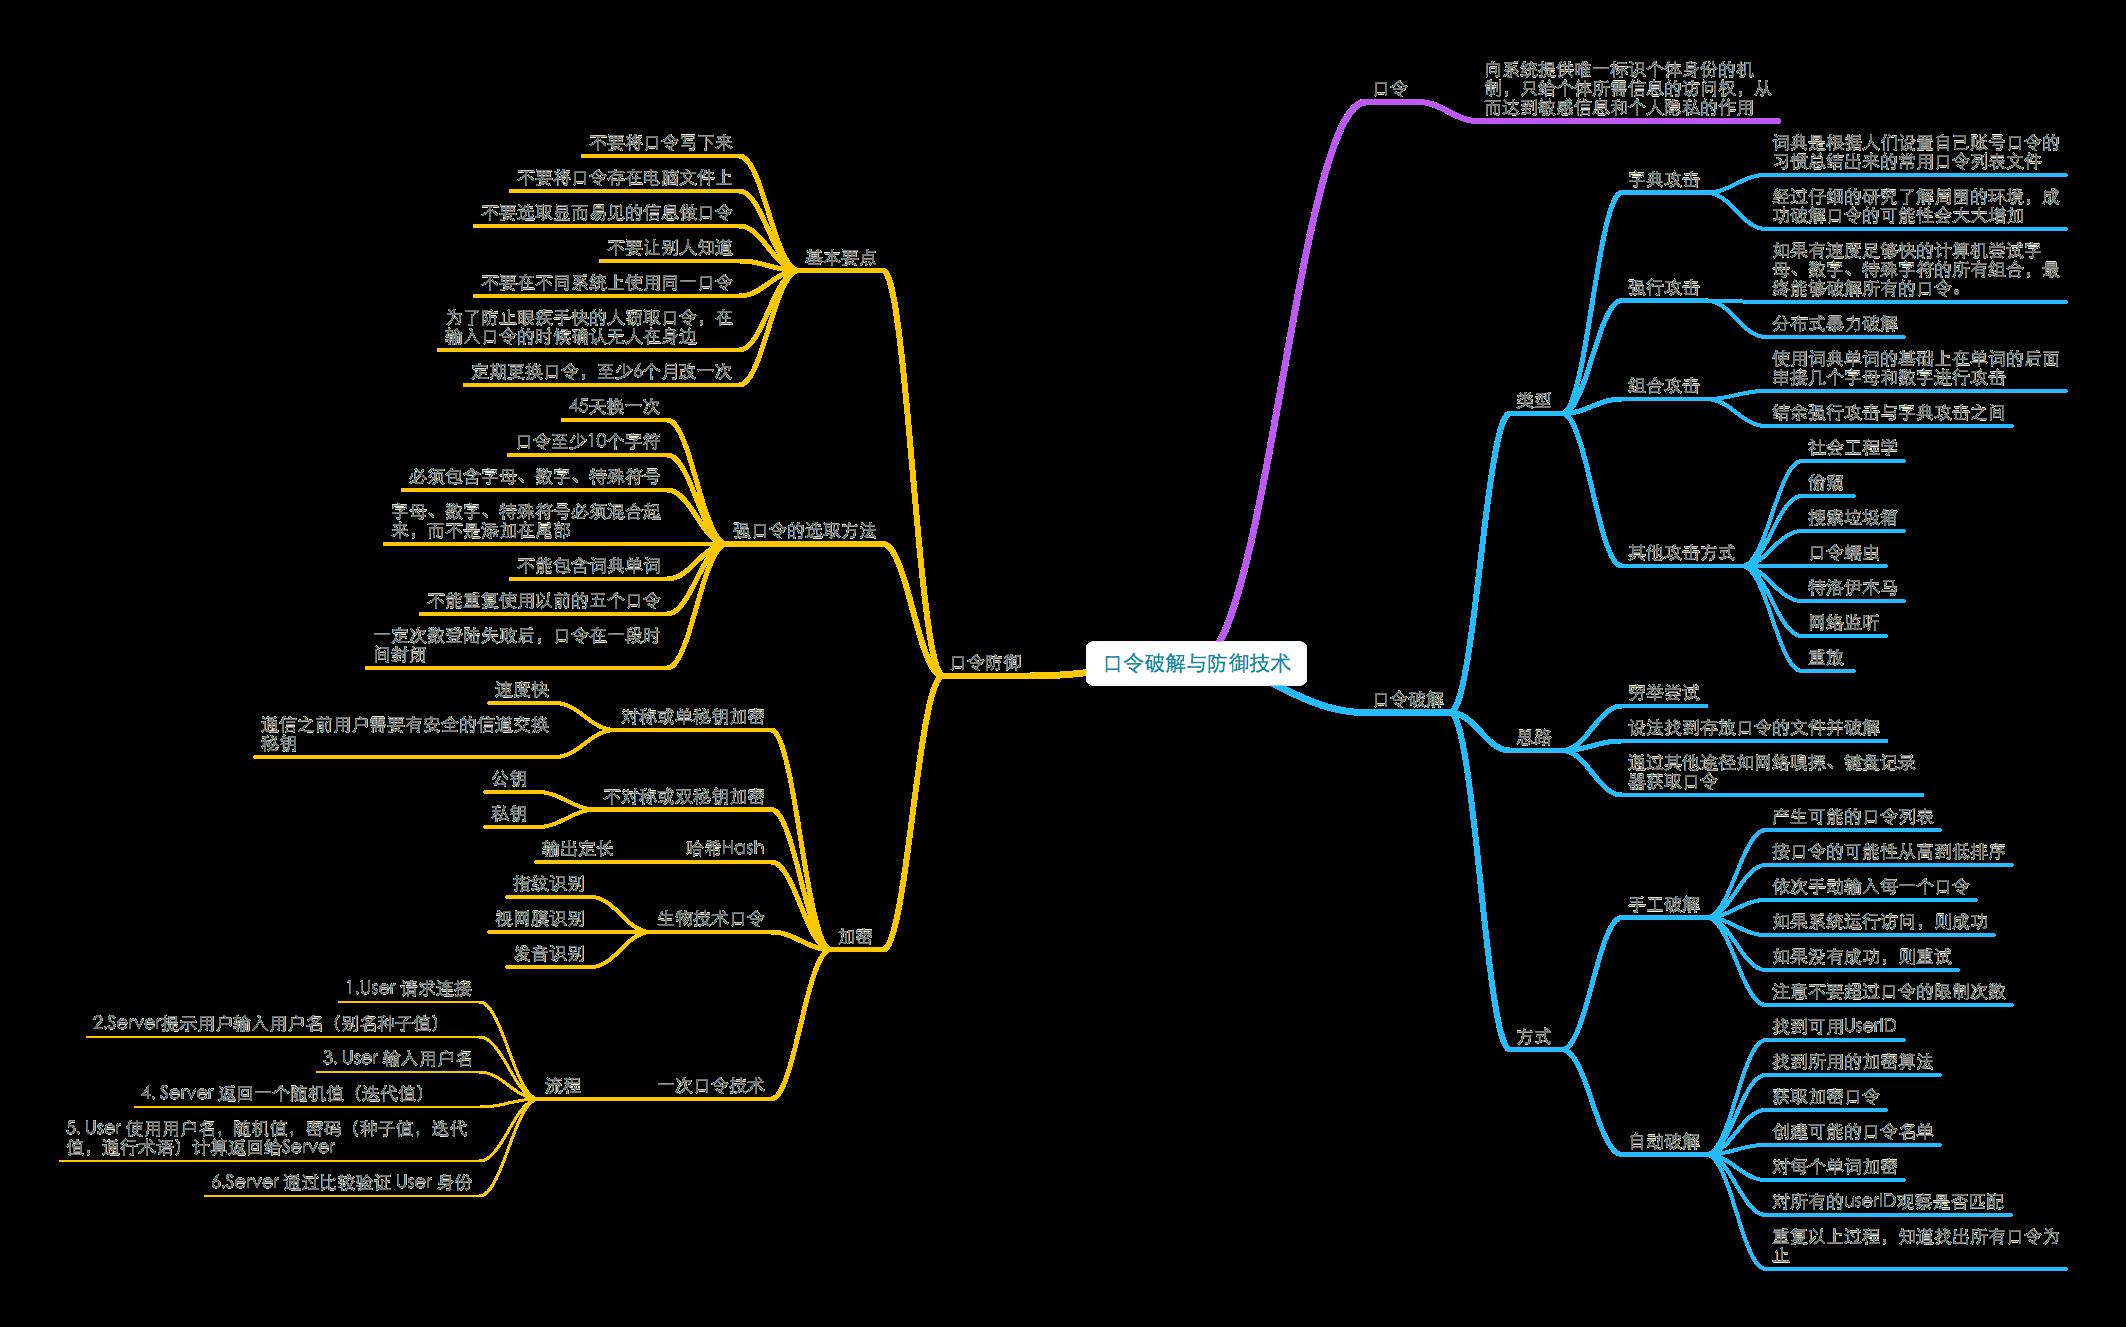 20180630_《网络安全思维导图》1.4口令破解及防御技术.png